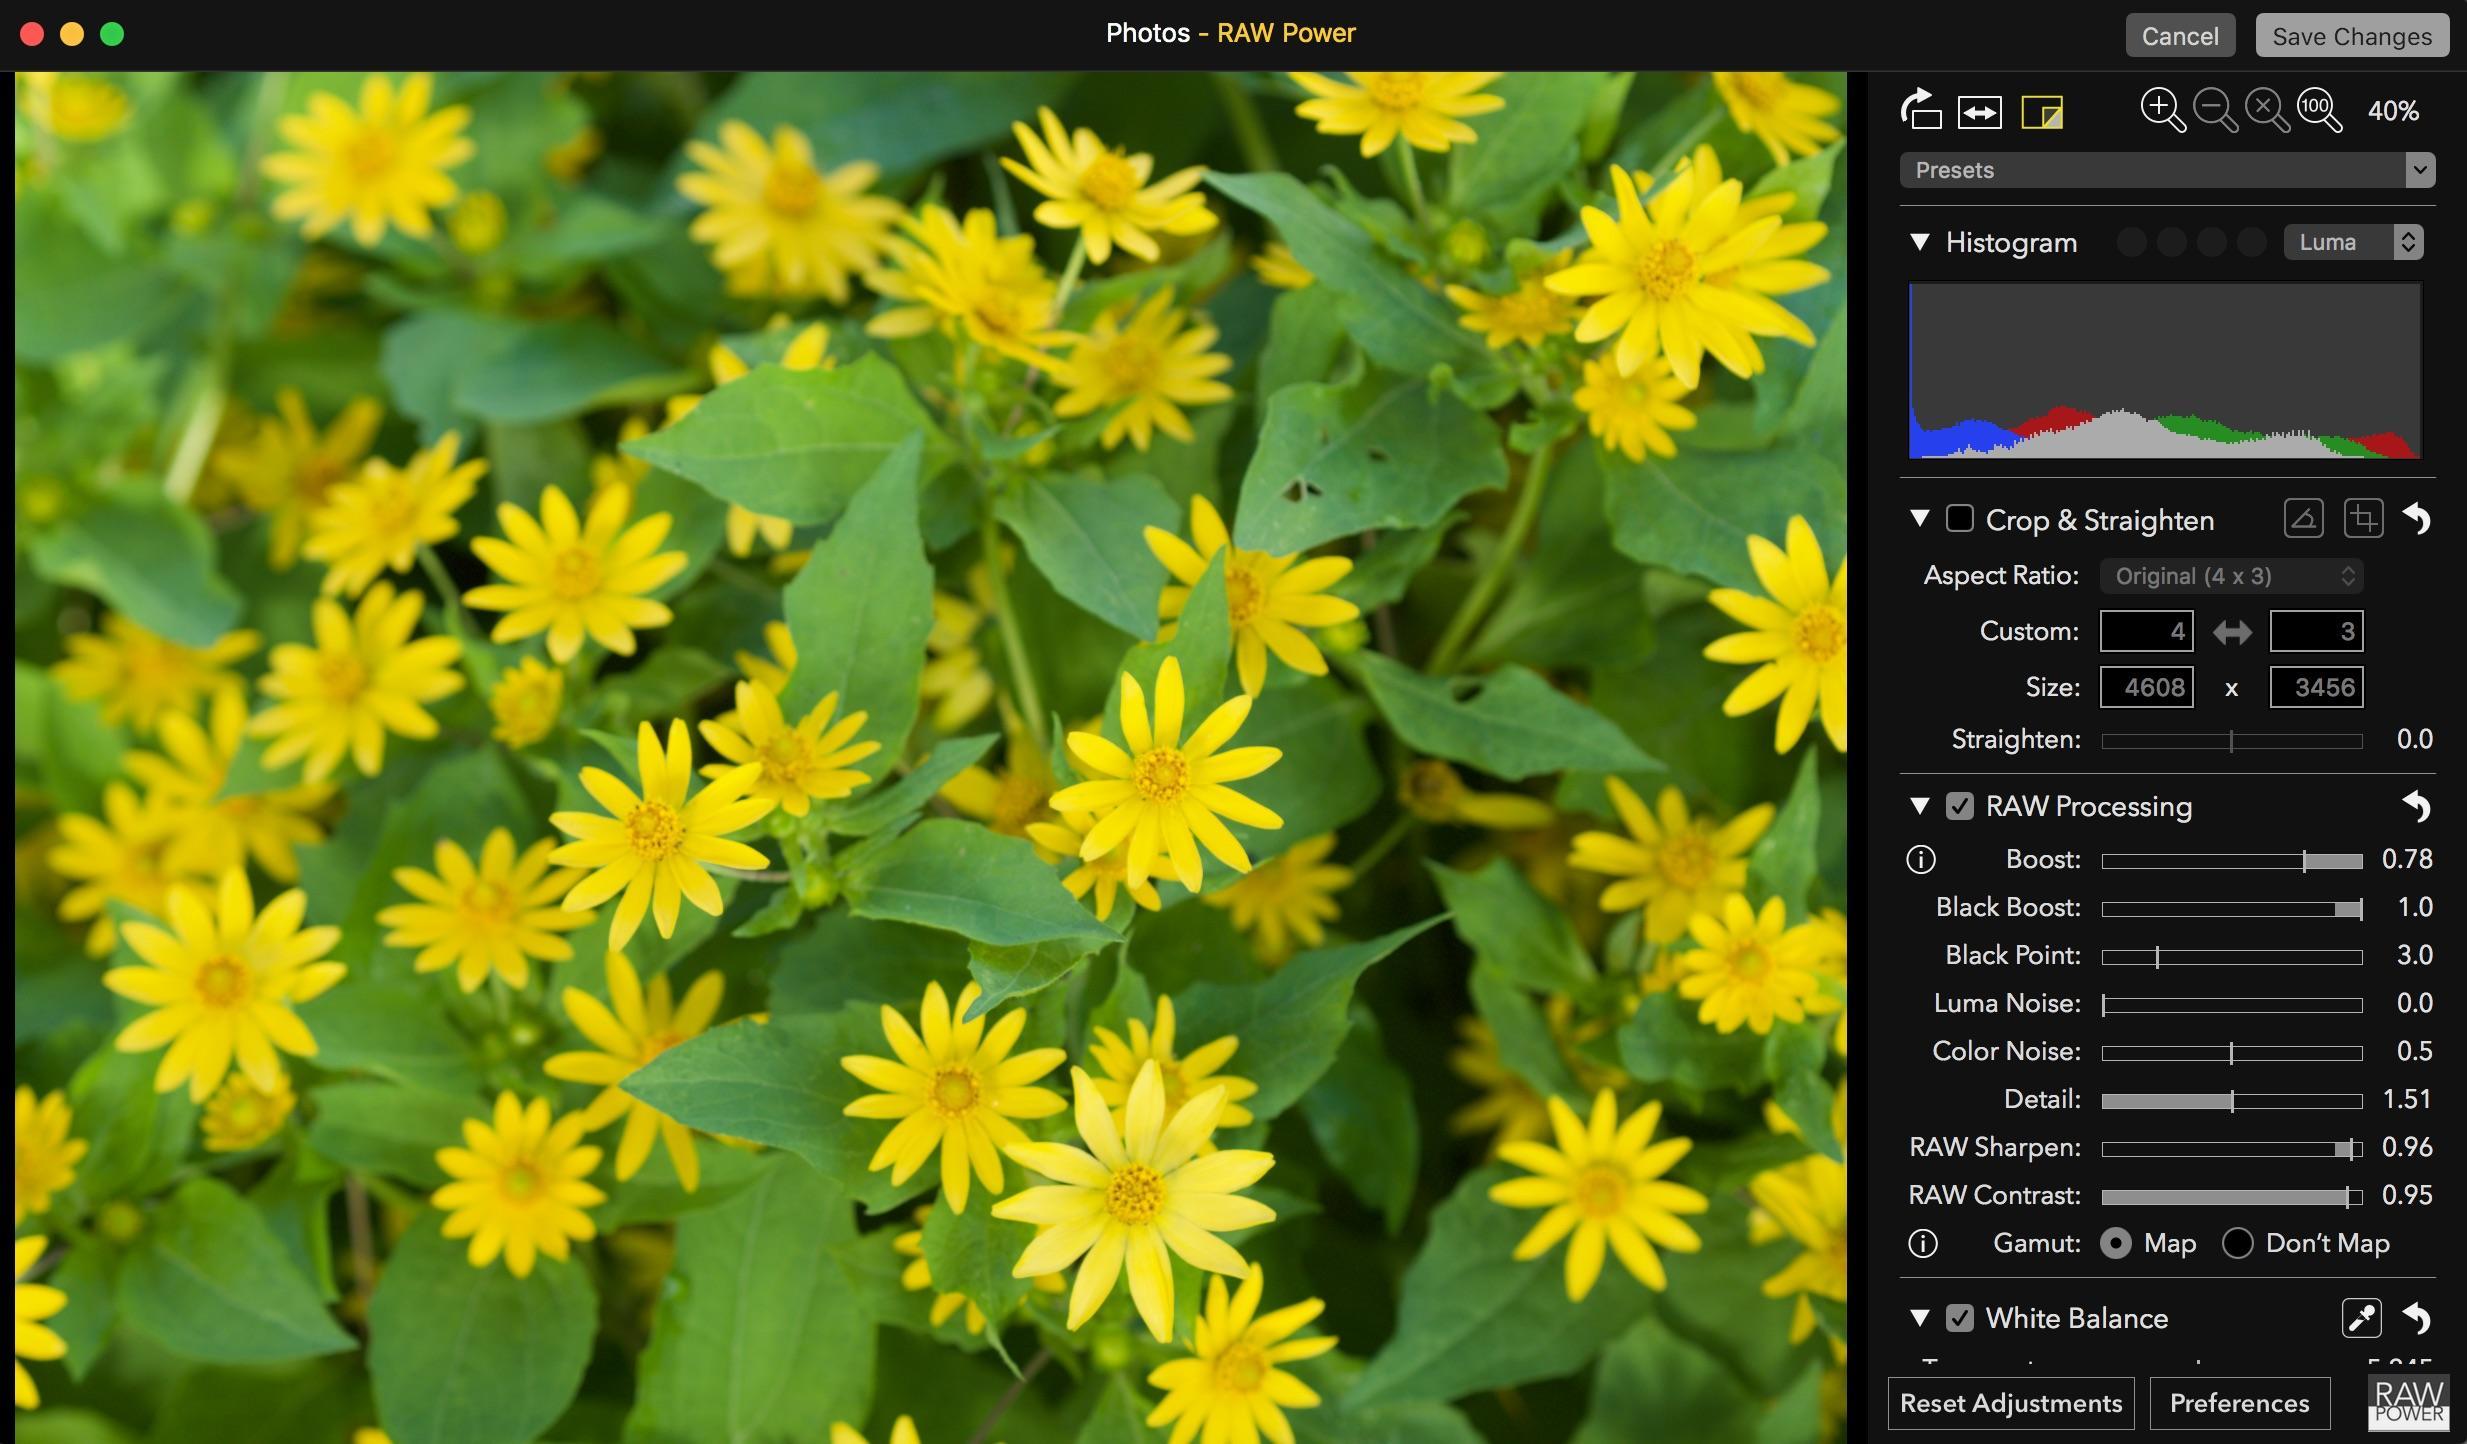 http://thedigitalstory.com/2018/06/06/original-flower-raw.jpg